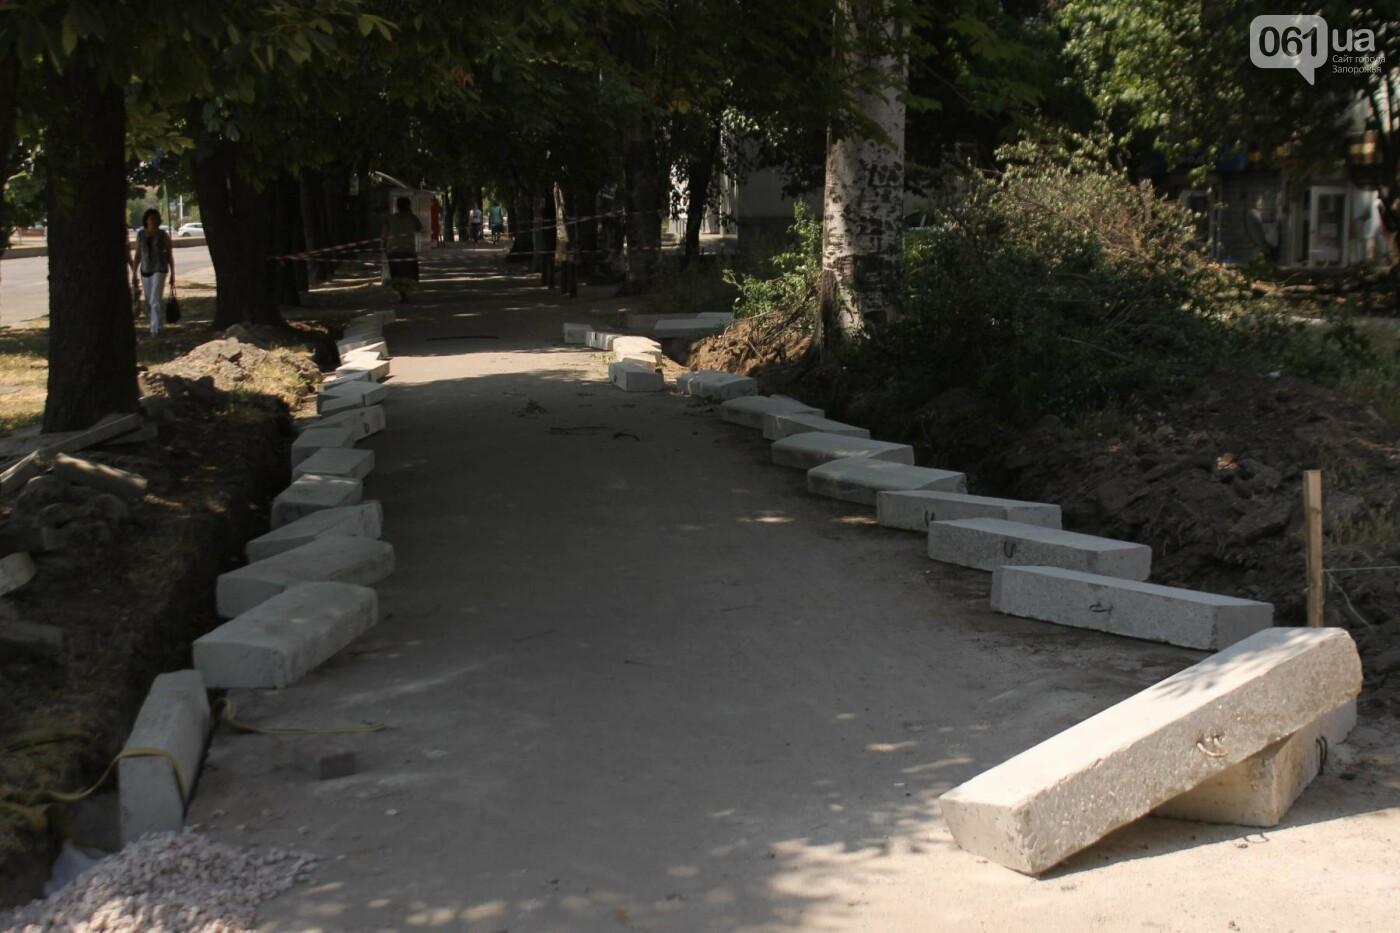 На Якова Новицкого в Запорожье возобновили реконструкцию пешеходной аллеи: обещают закончить до конца лета, – ФОТОРЕПОРТАЖ, фото-11